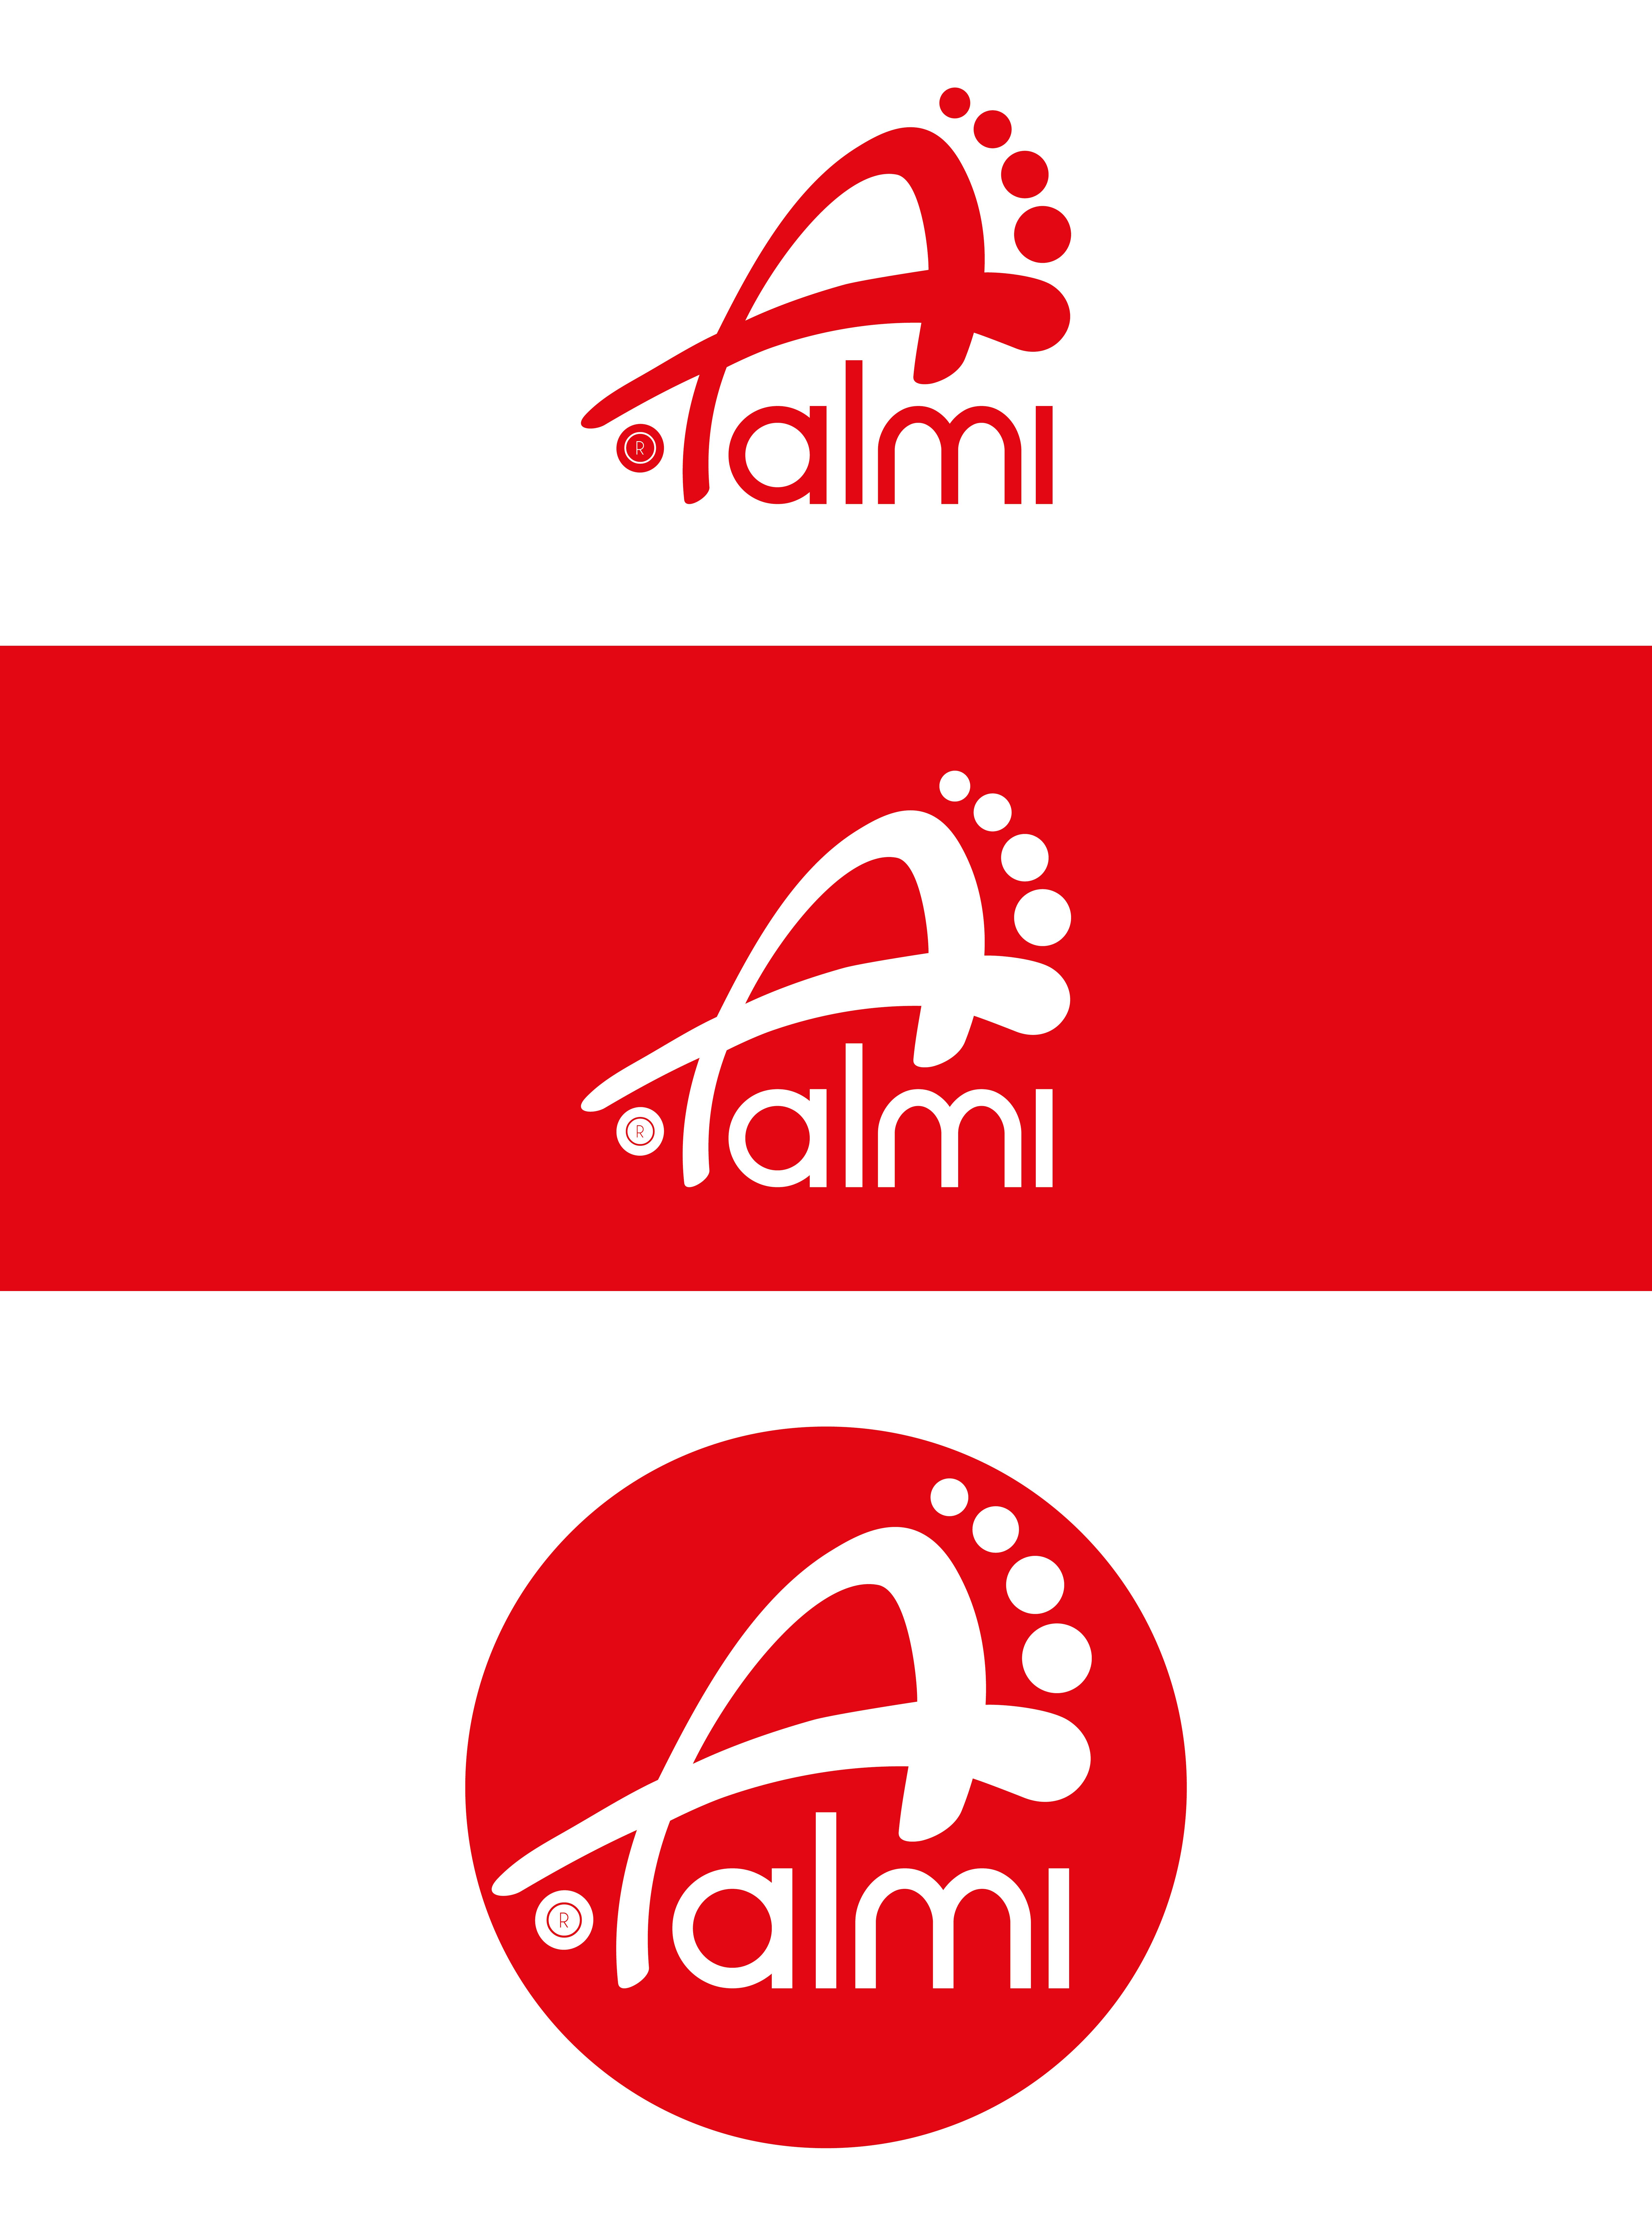 Дизайн логотипа обувной марки Алми фото f_29659faea3e3ebeb.png